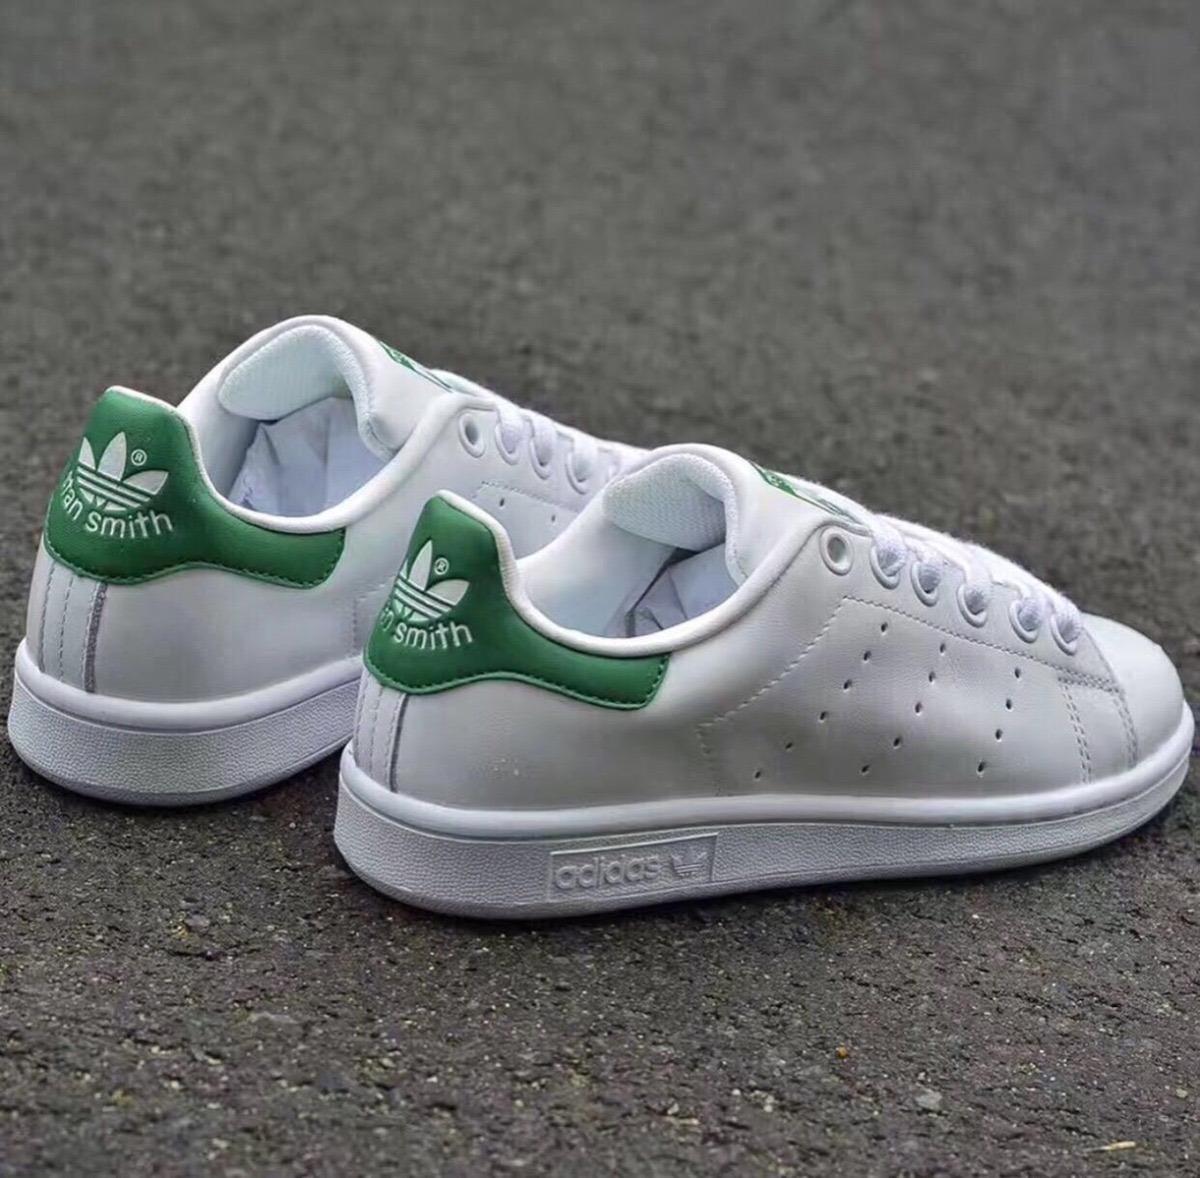 Tenis Zapatillas adidas Stan Smith Blanca Verde Mujer Env Gr